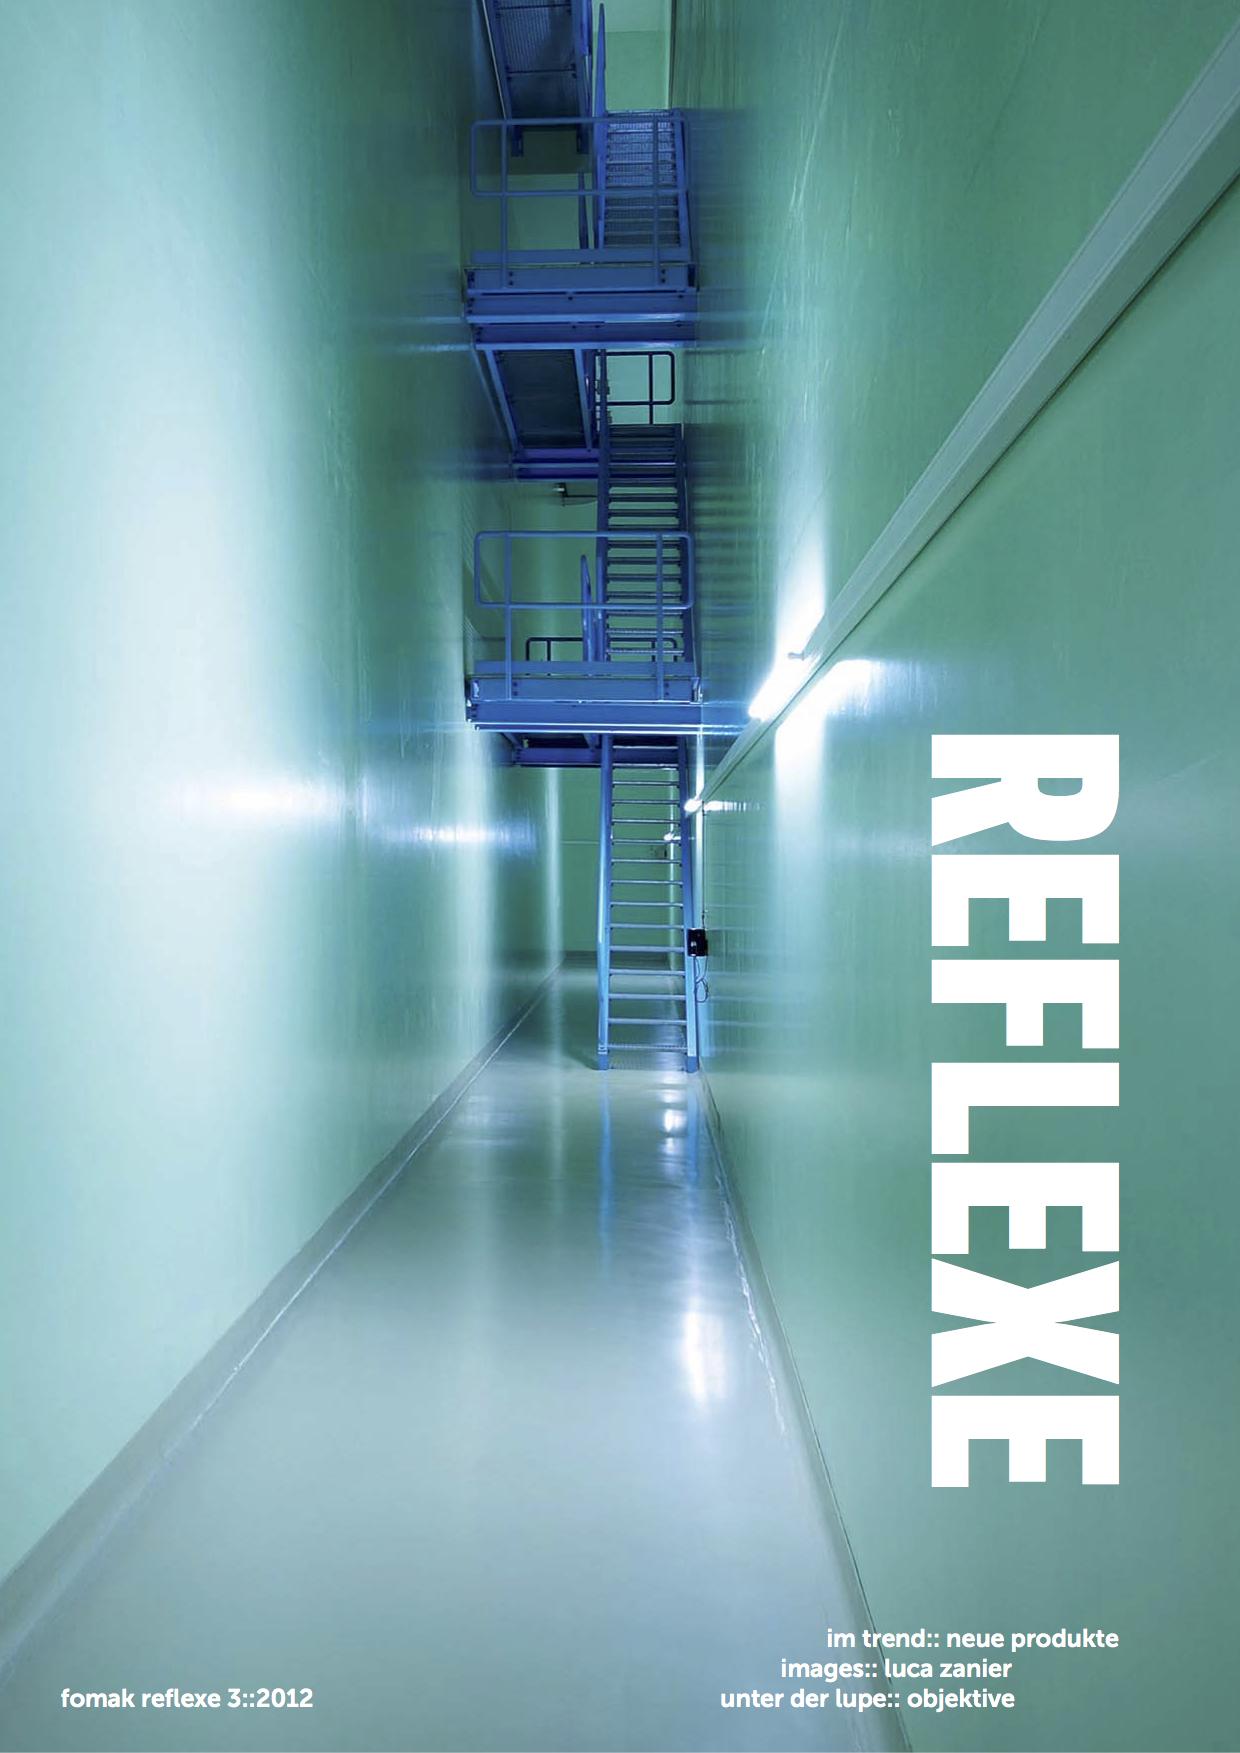 reflexe3:.2012